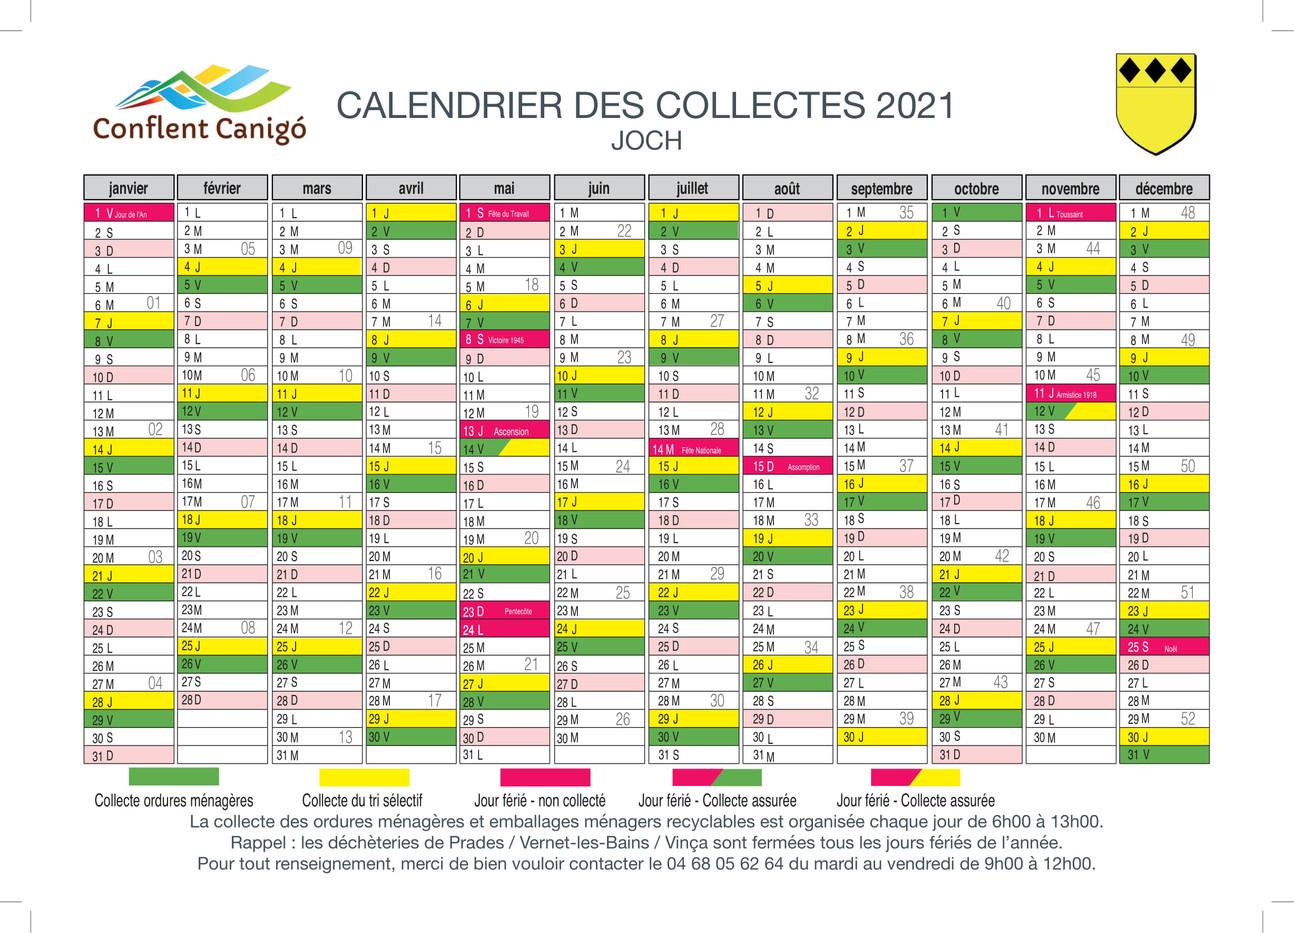 calendrier 2021- JOCH-1.jpg